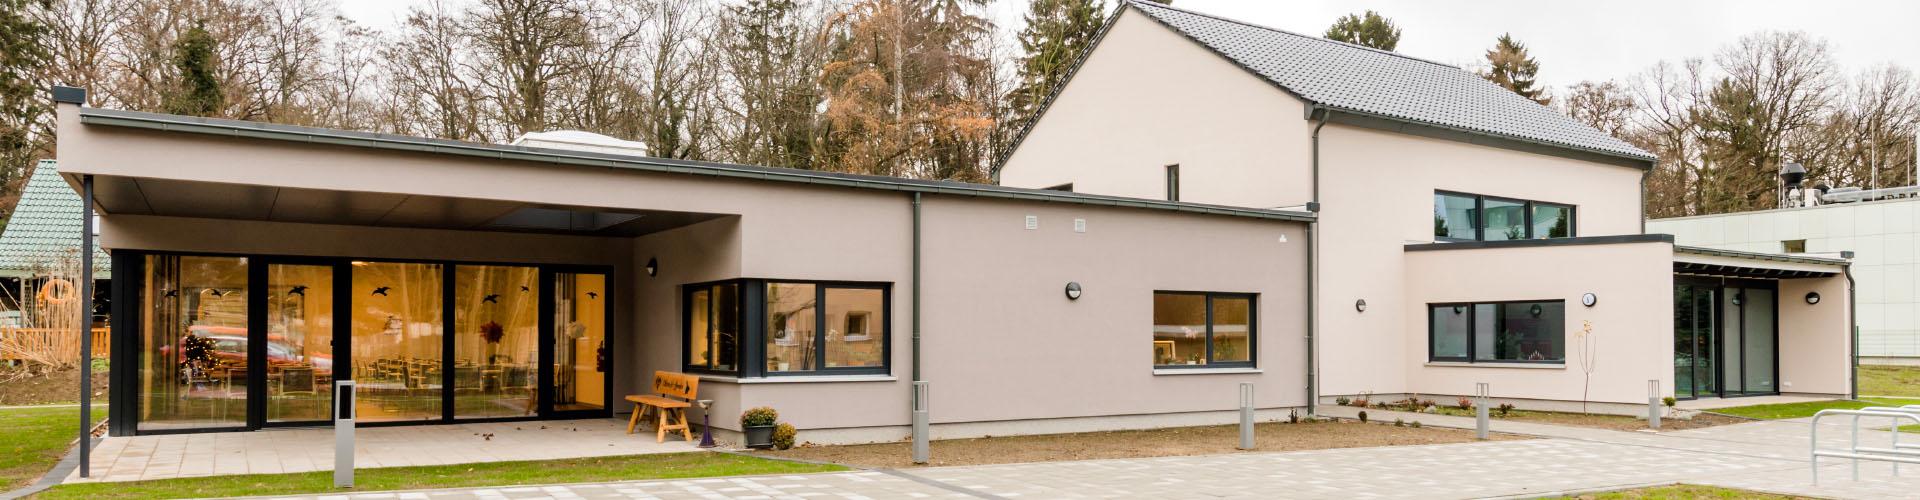 Eltern-Kind-Haus im Grünen